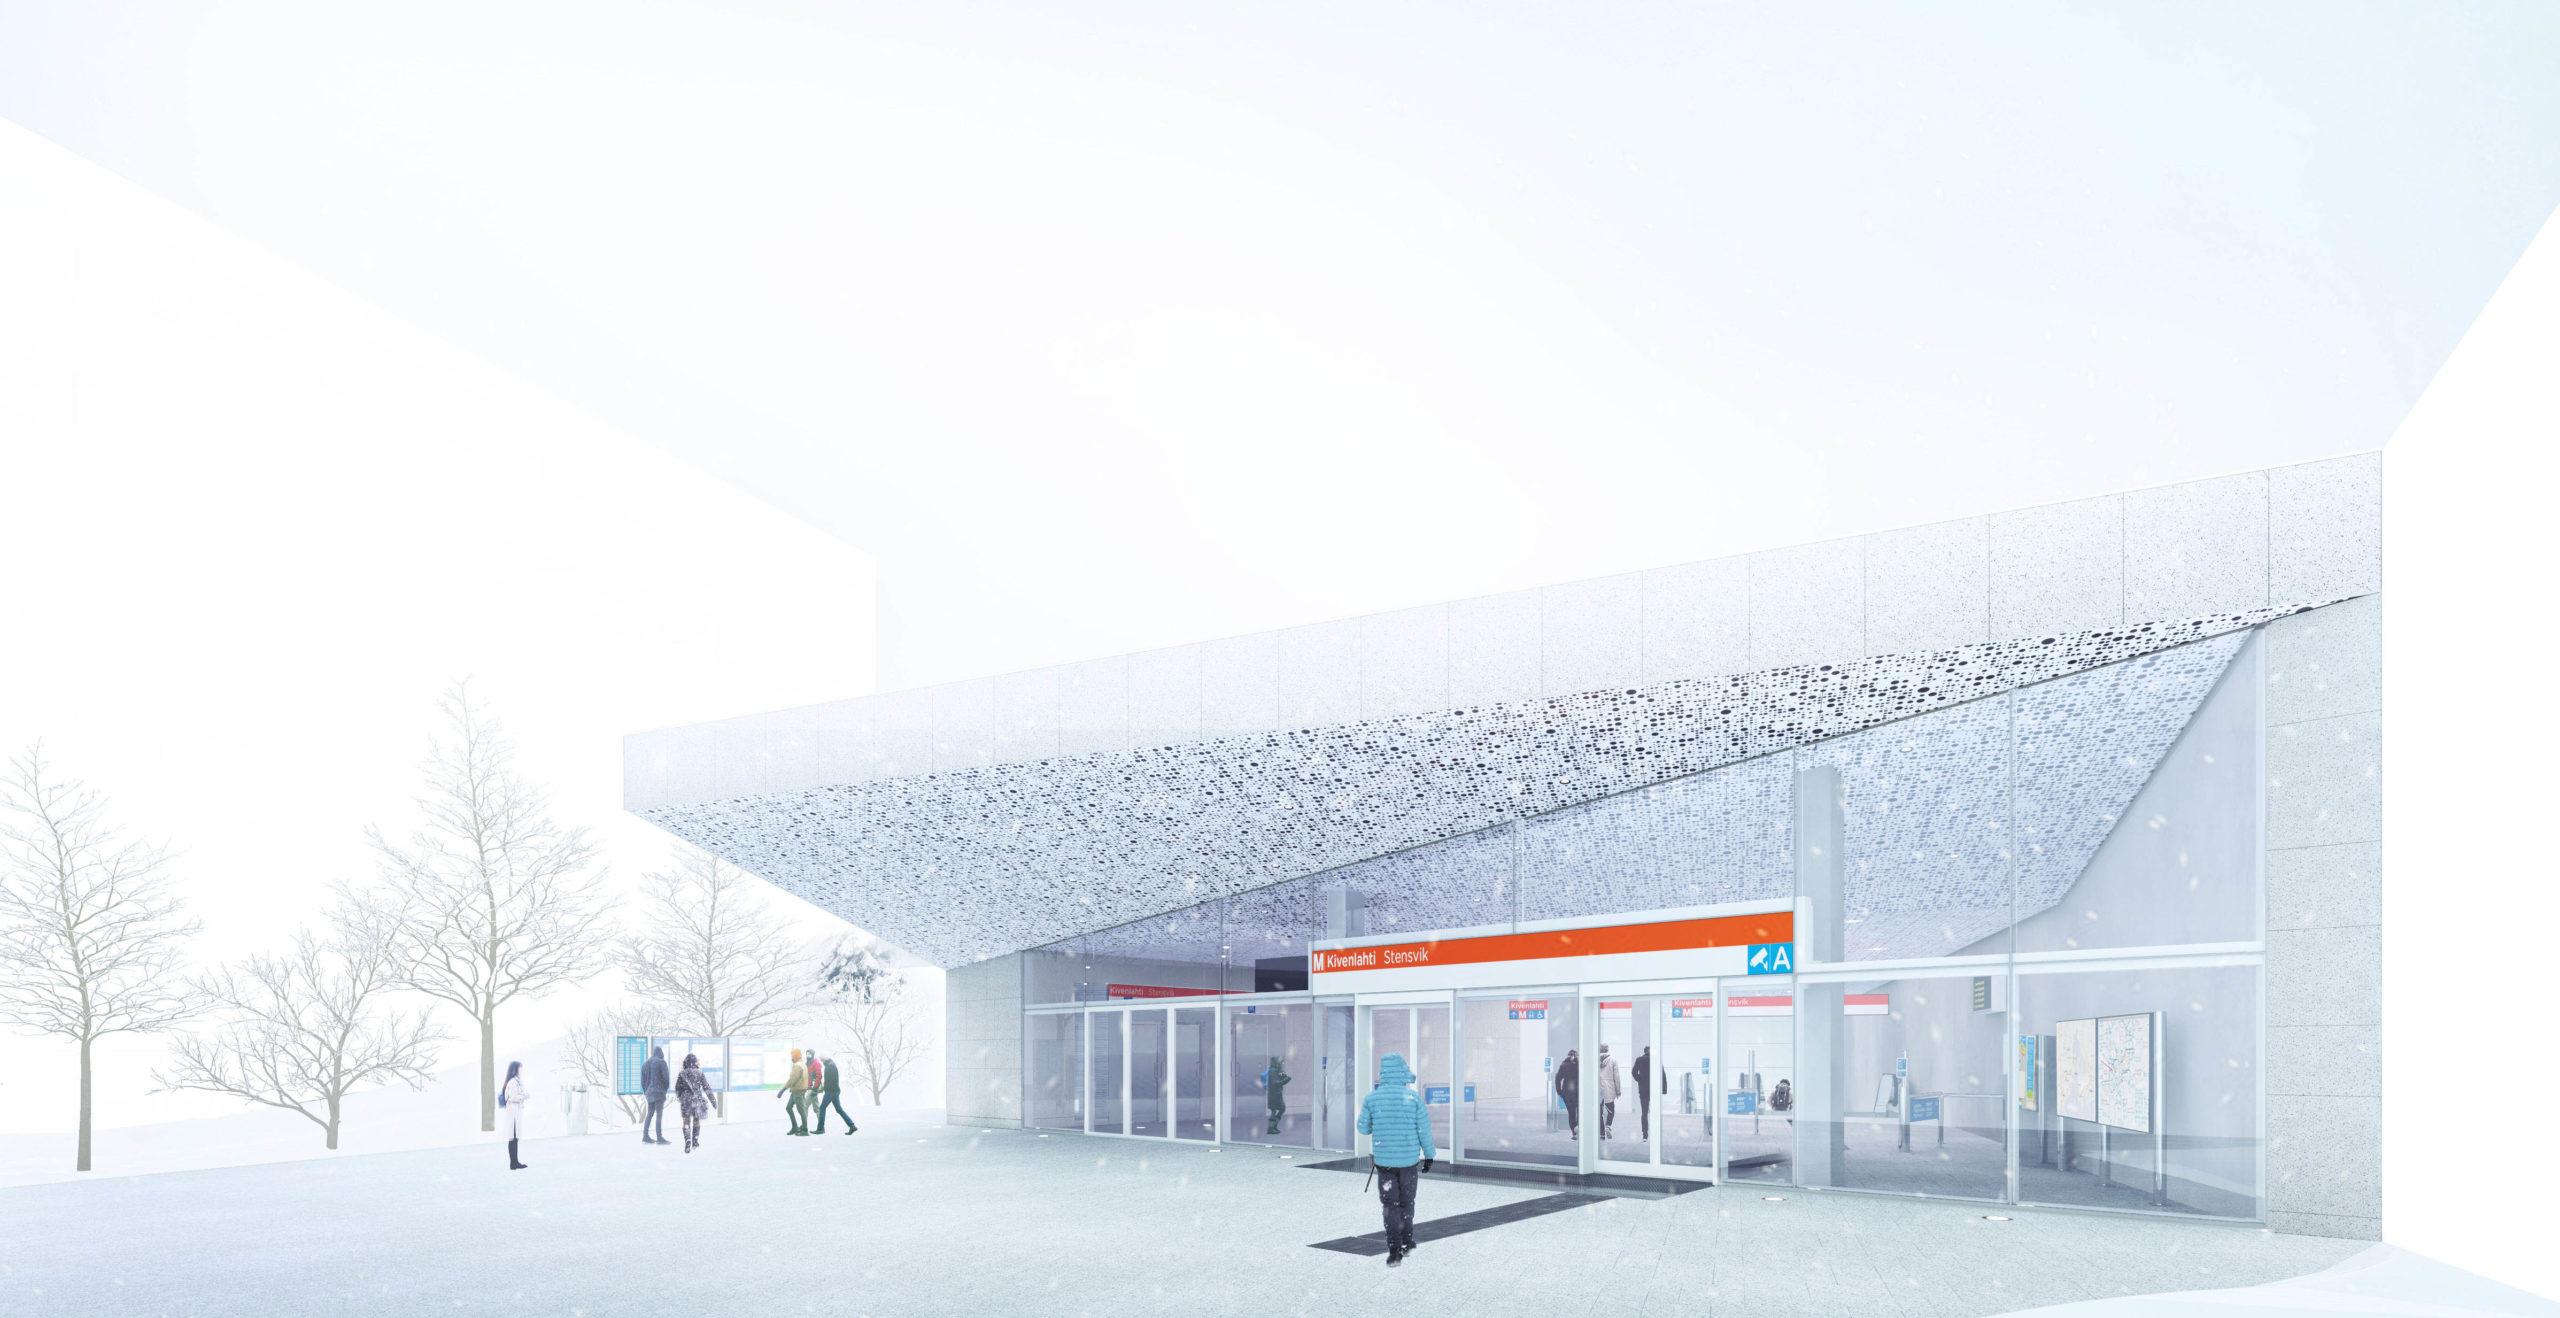 Kuvassa arkkitehdin havainnepiirros Kivenlahden metroaseman julkisivusta. Julksivu on valkoinen. Oven kohdalla on kolmion muotoinen katosrakennelma.